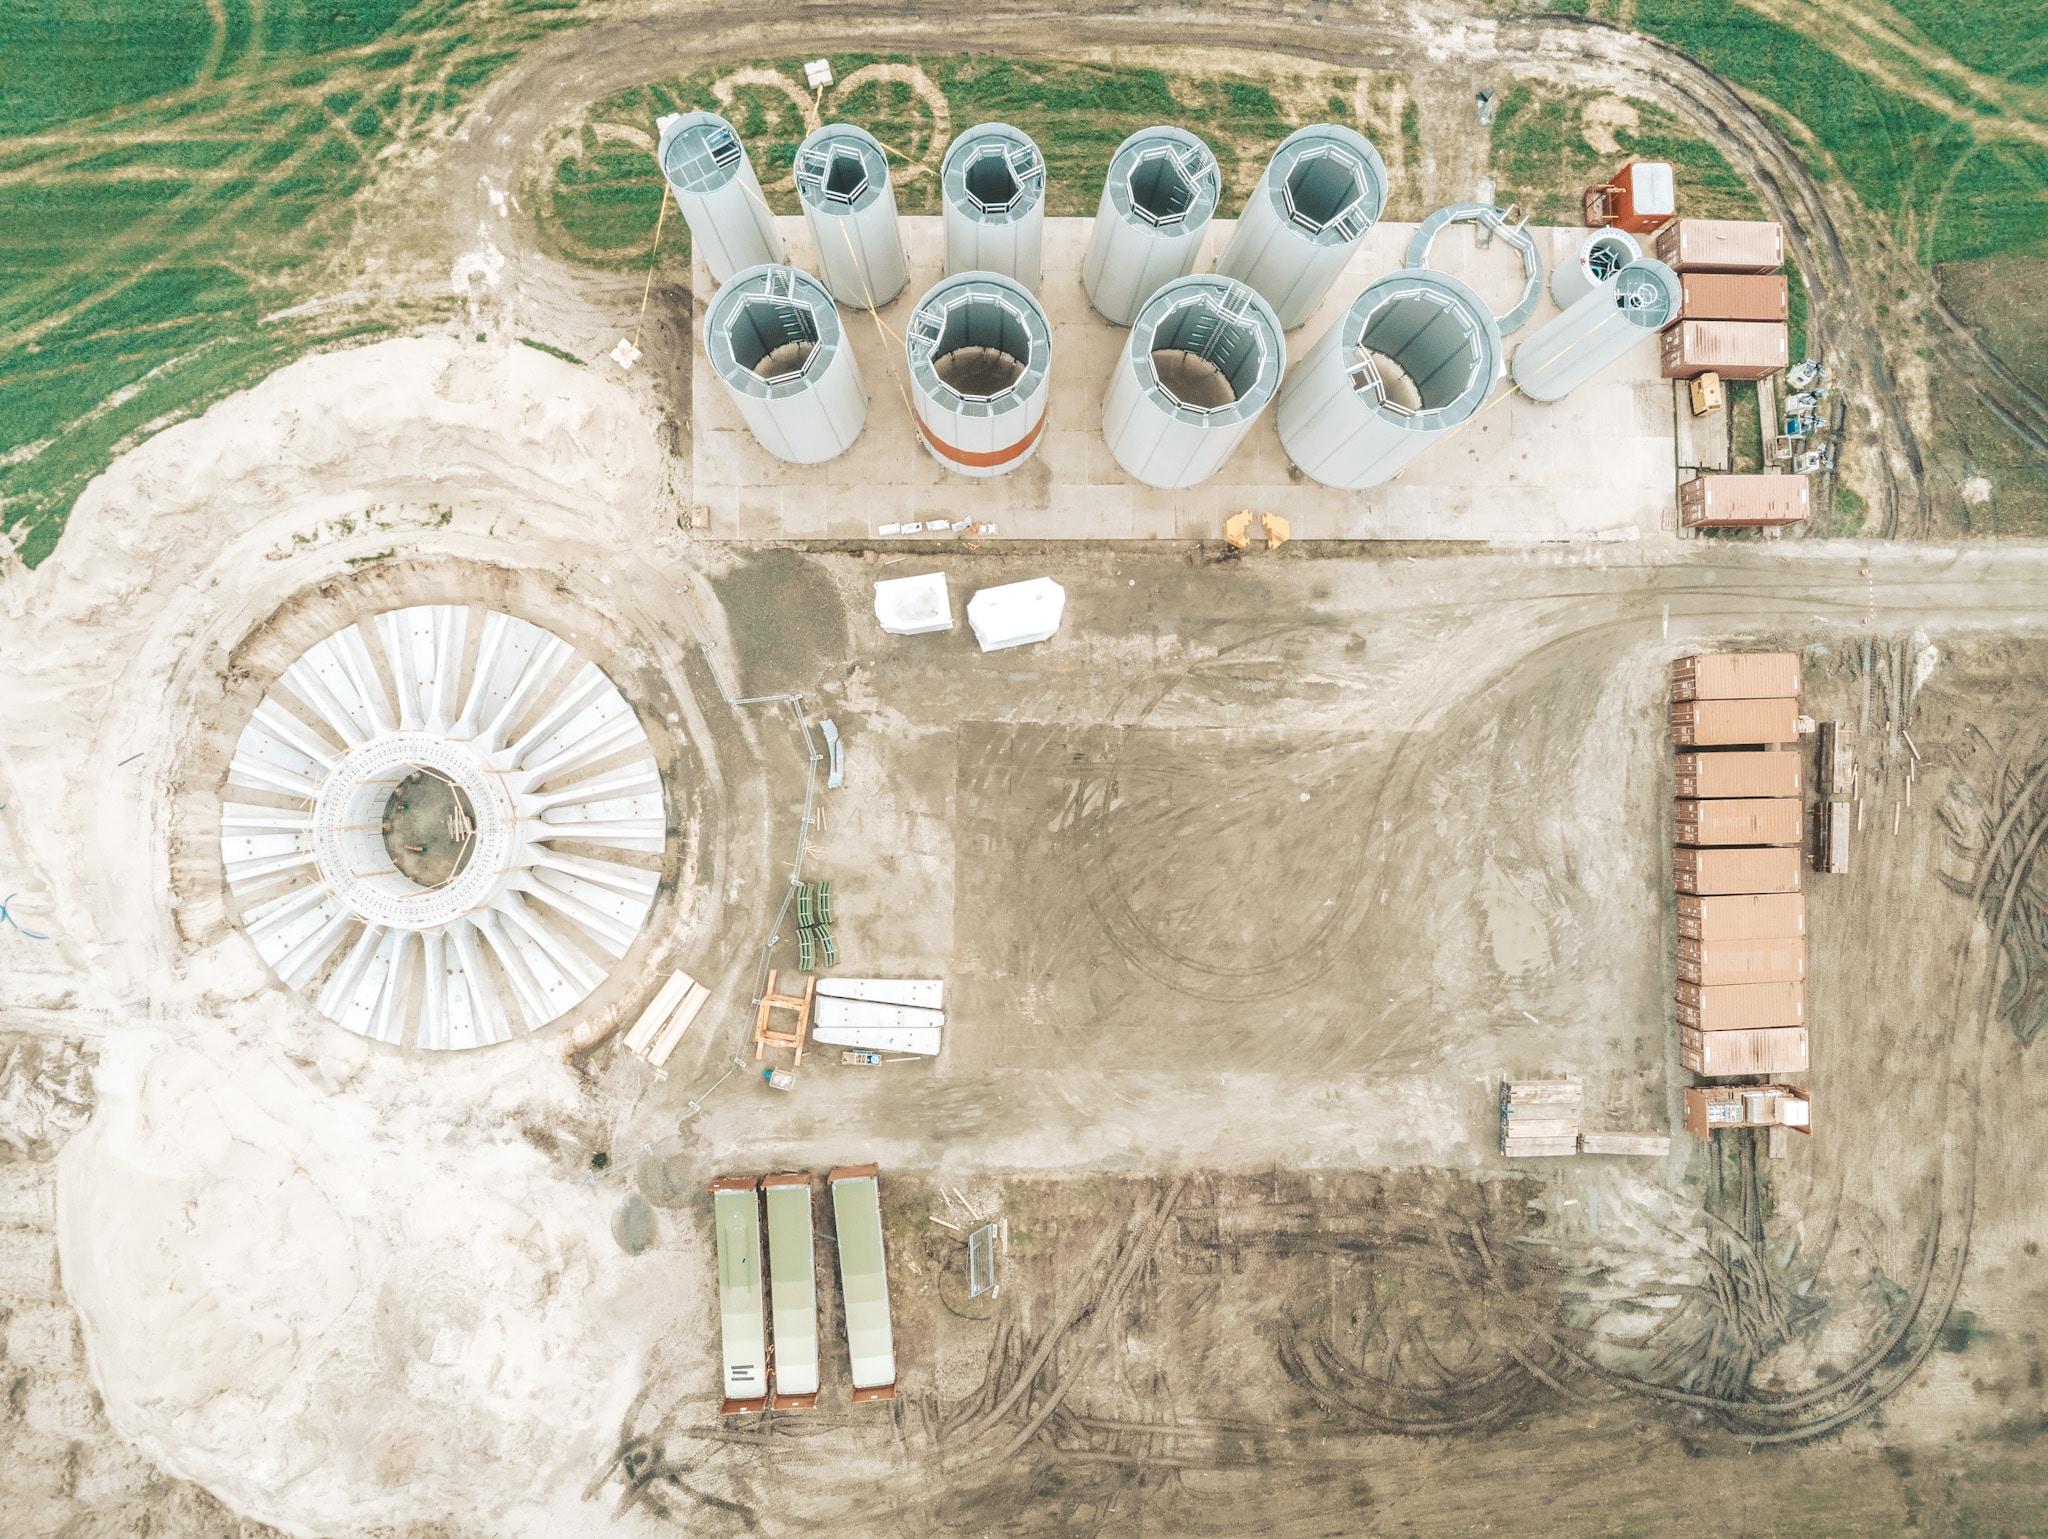 Anker Foundations Fertigteil-Fundament - Baustelle Draufsicht, von oben